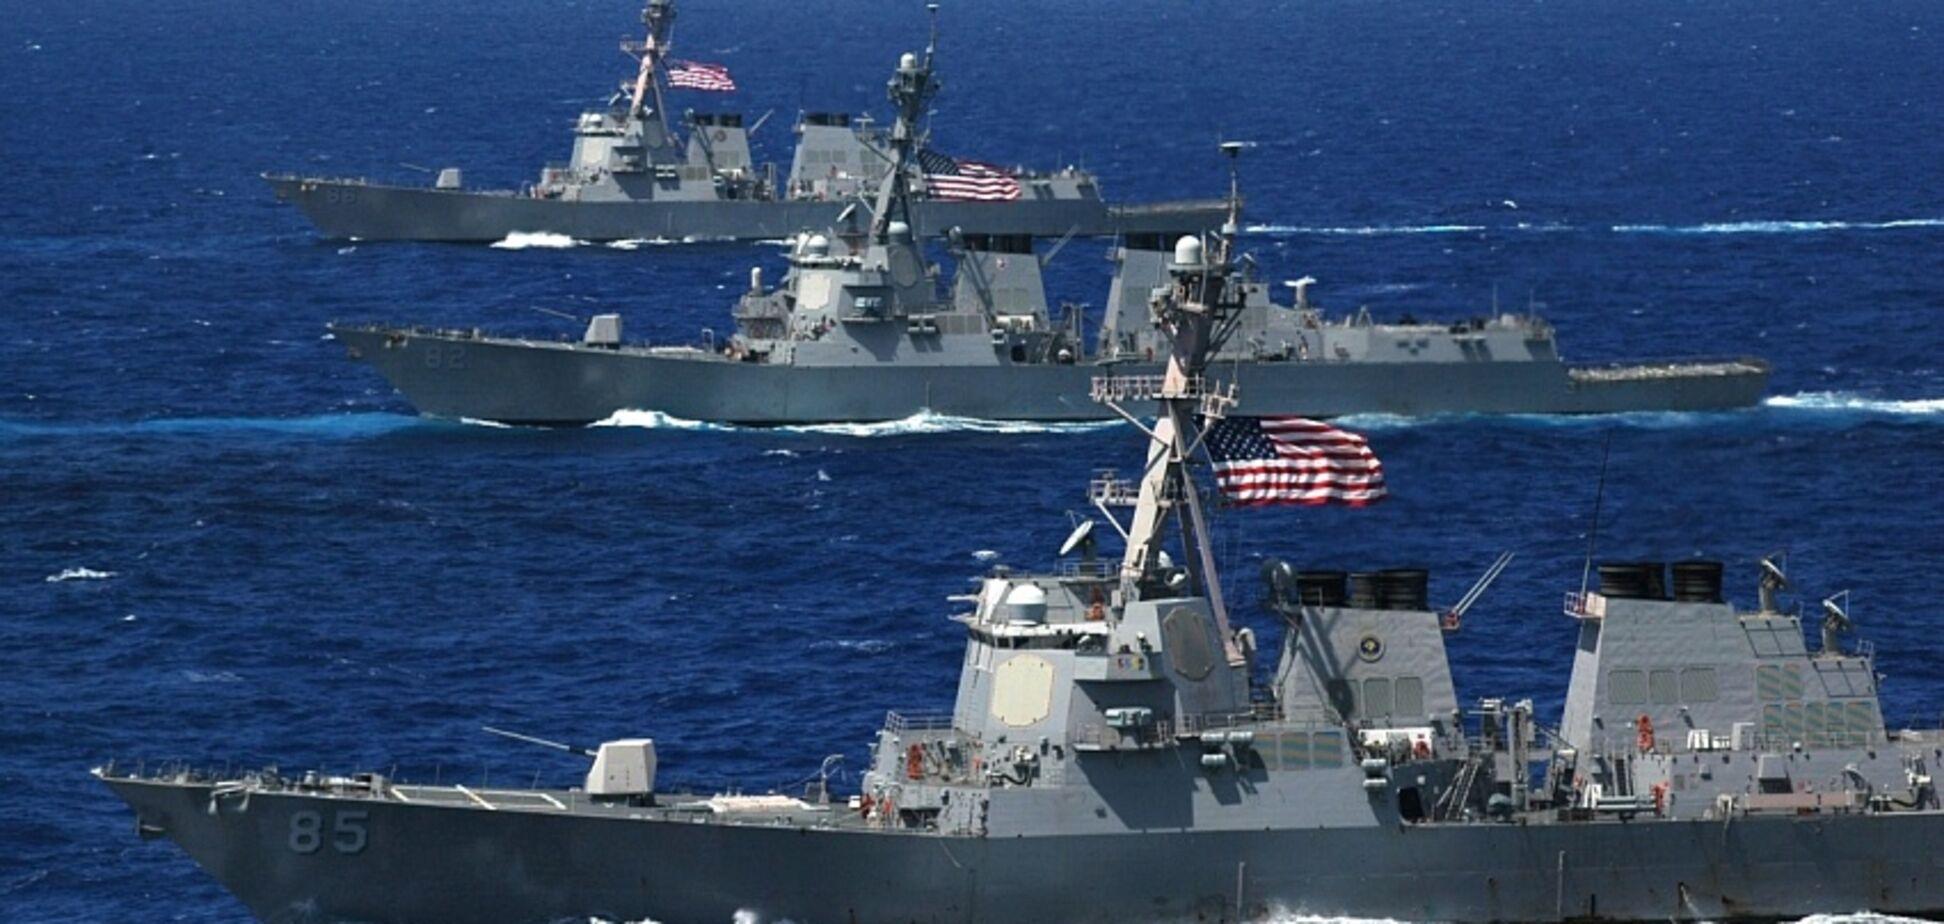 Летальное оружие от США: генерал пояснил, зачем Украине морские средства защиты